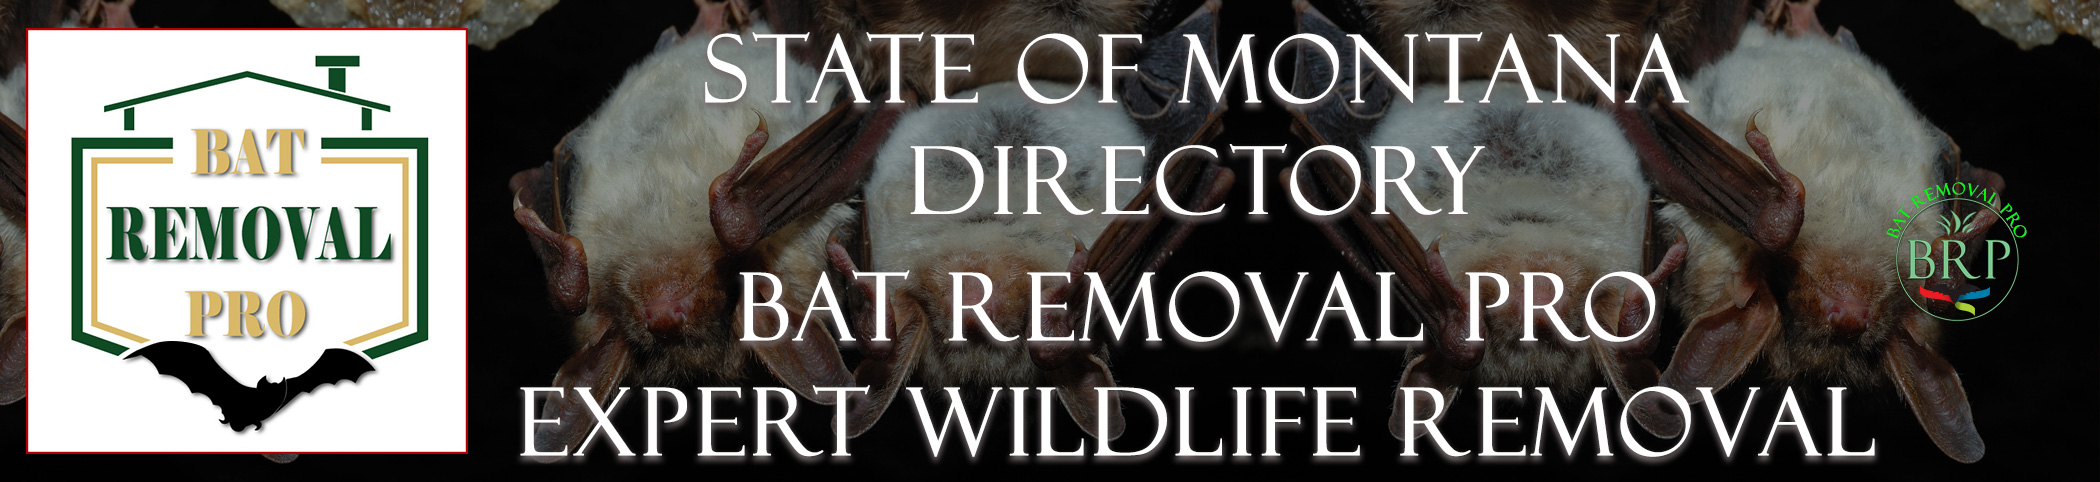 MONTANA-bat-removal-at-bat-removal-pro-header-image